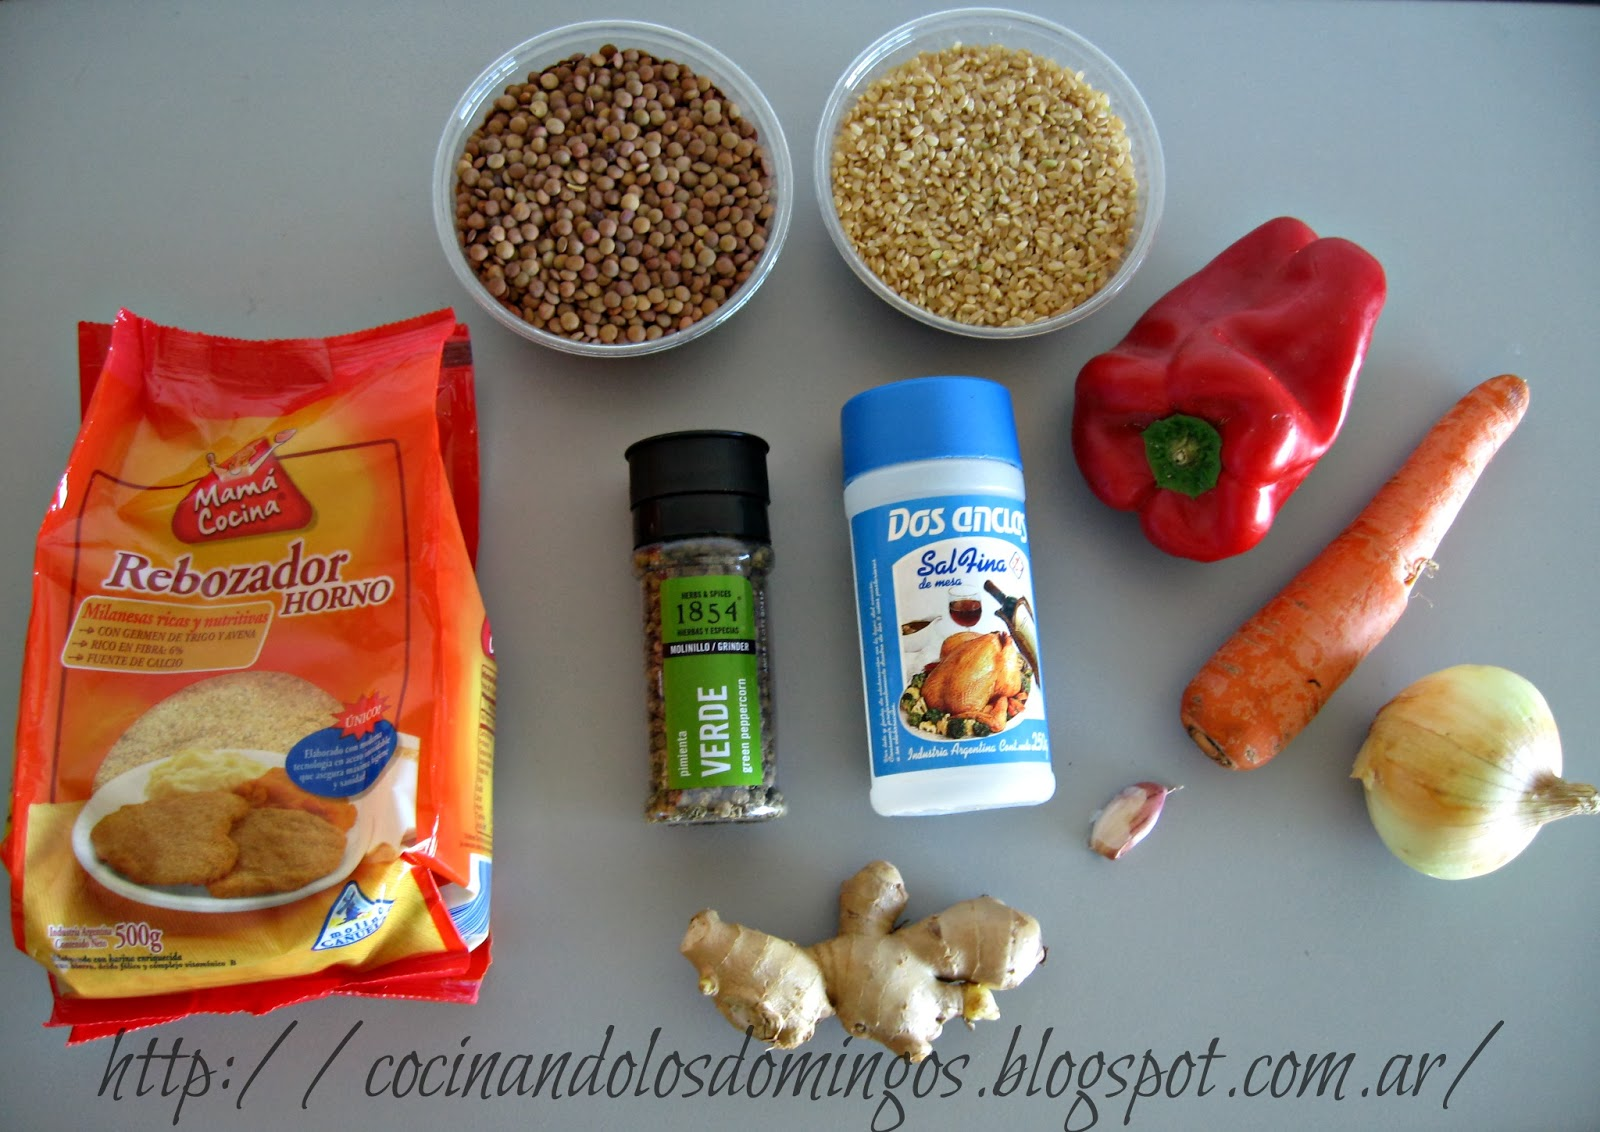 Cocinando los domingos hamburguesas vegetarianas de arroz - Hacer hamburguesas vegetarianas ...